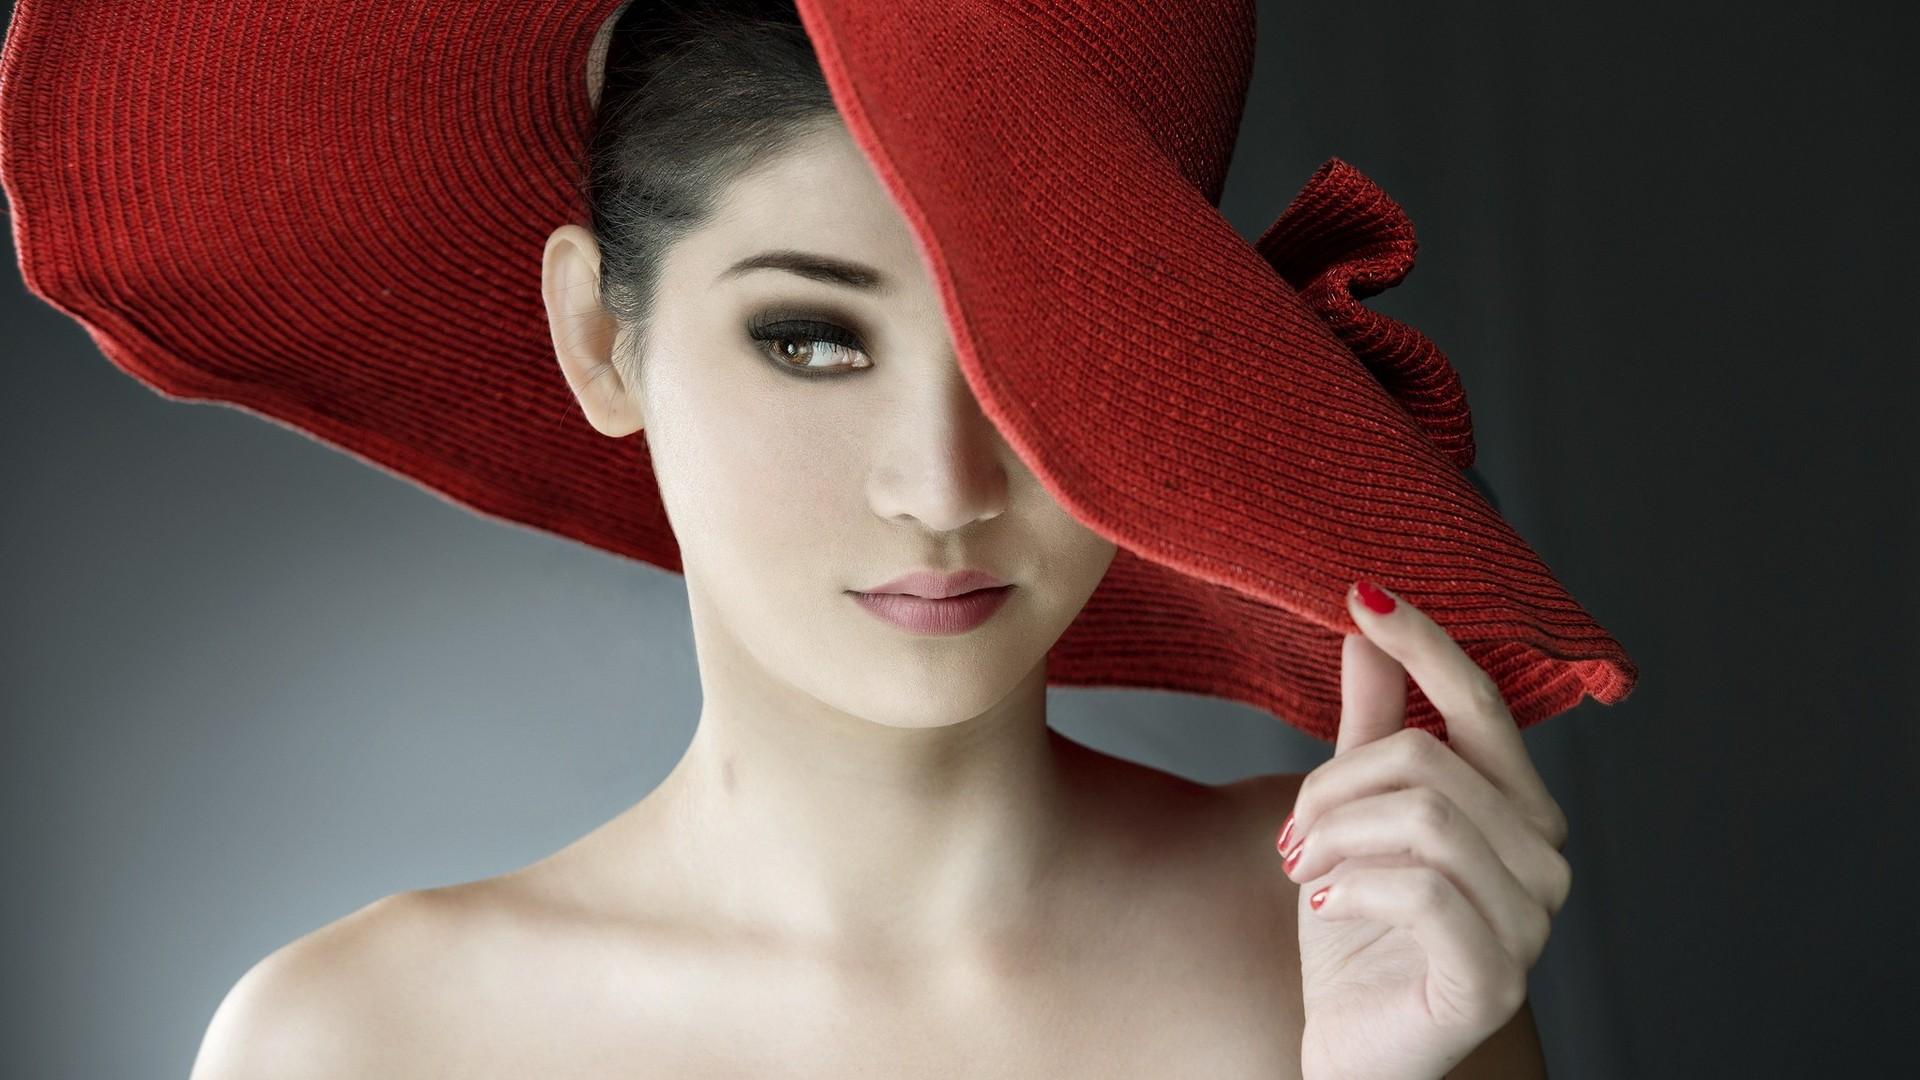 девушка взгляд шляпка красная лицо  № 1867474 загрузить